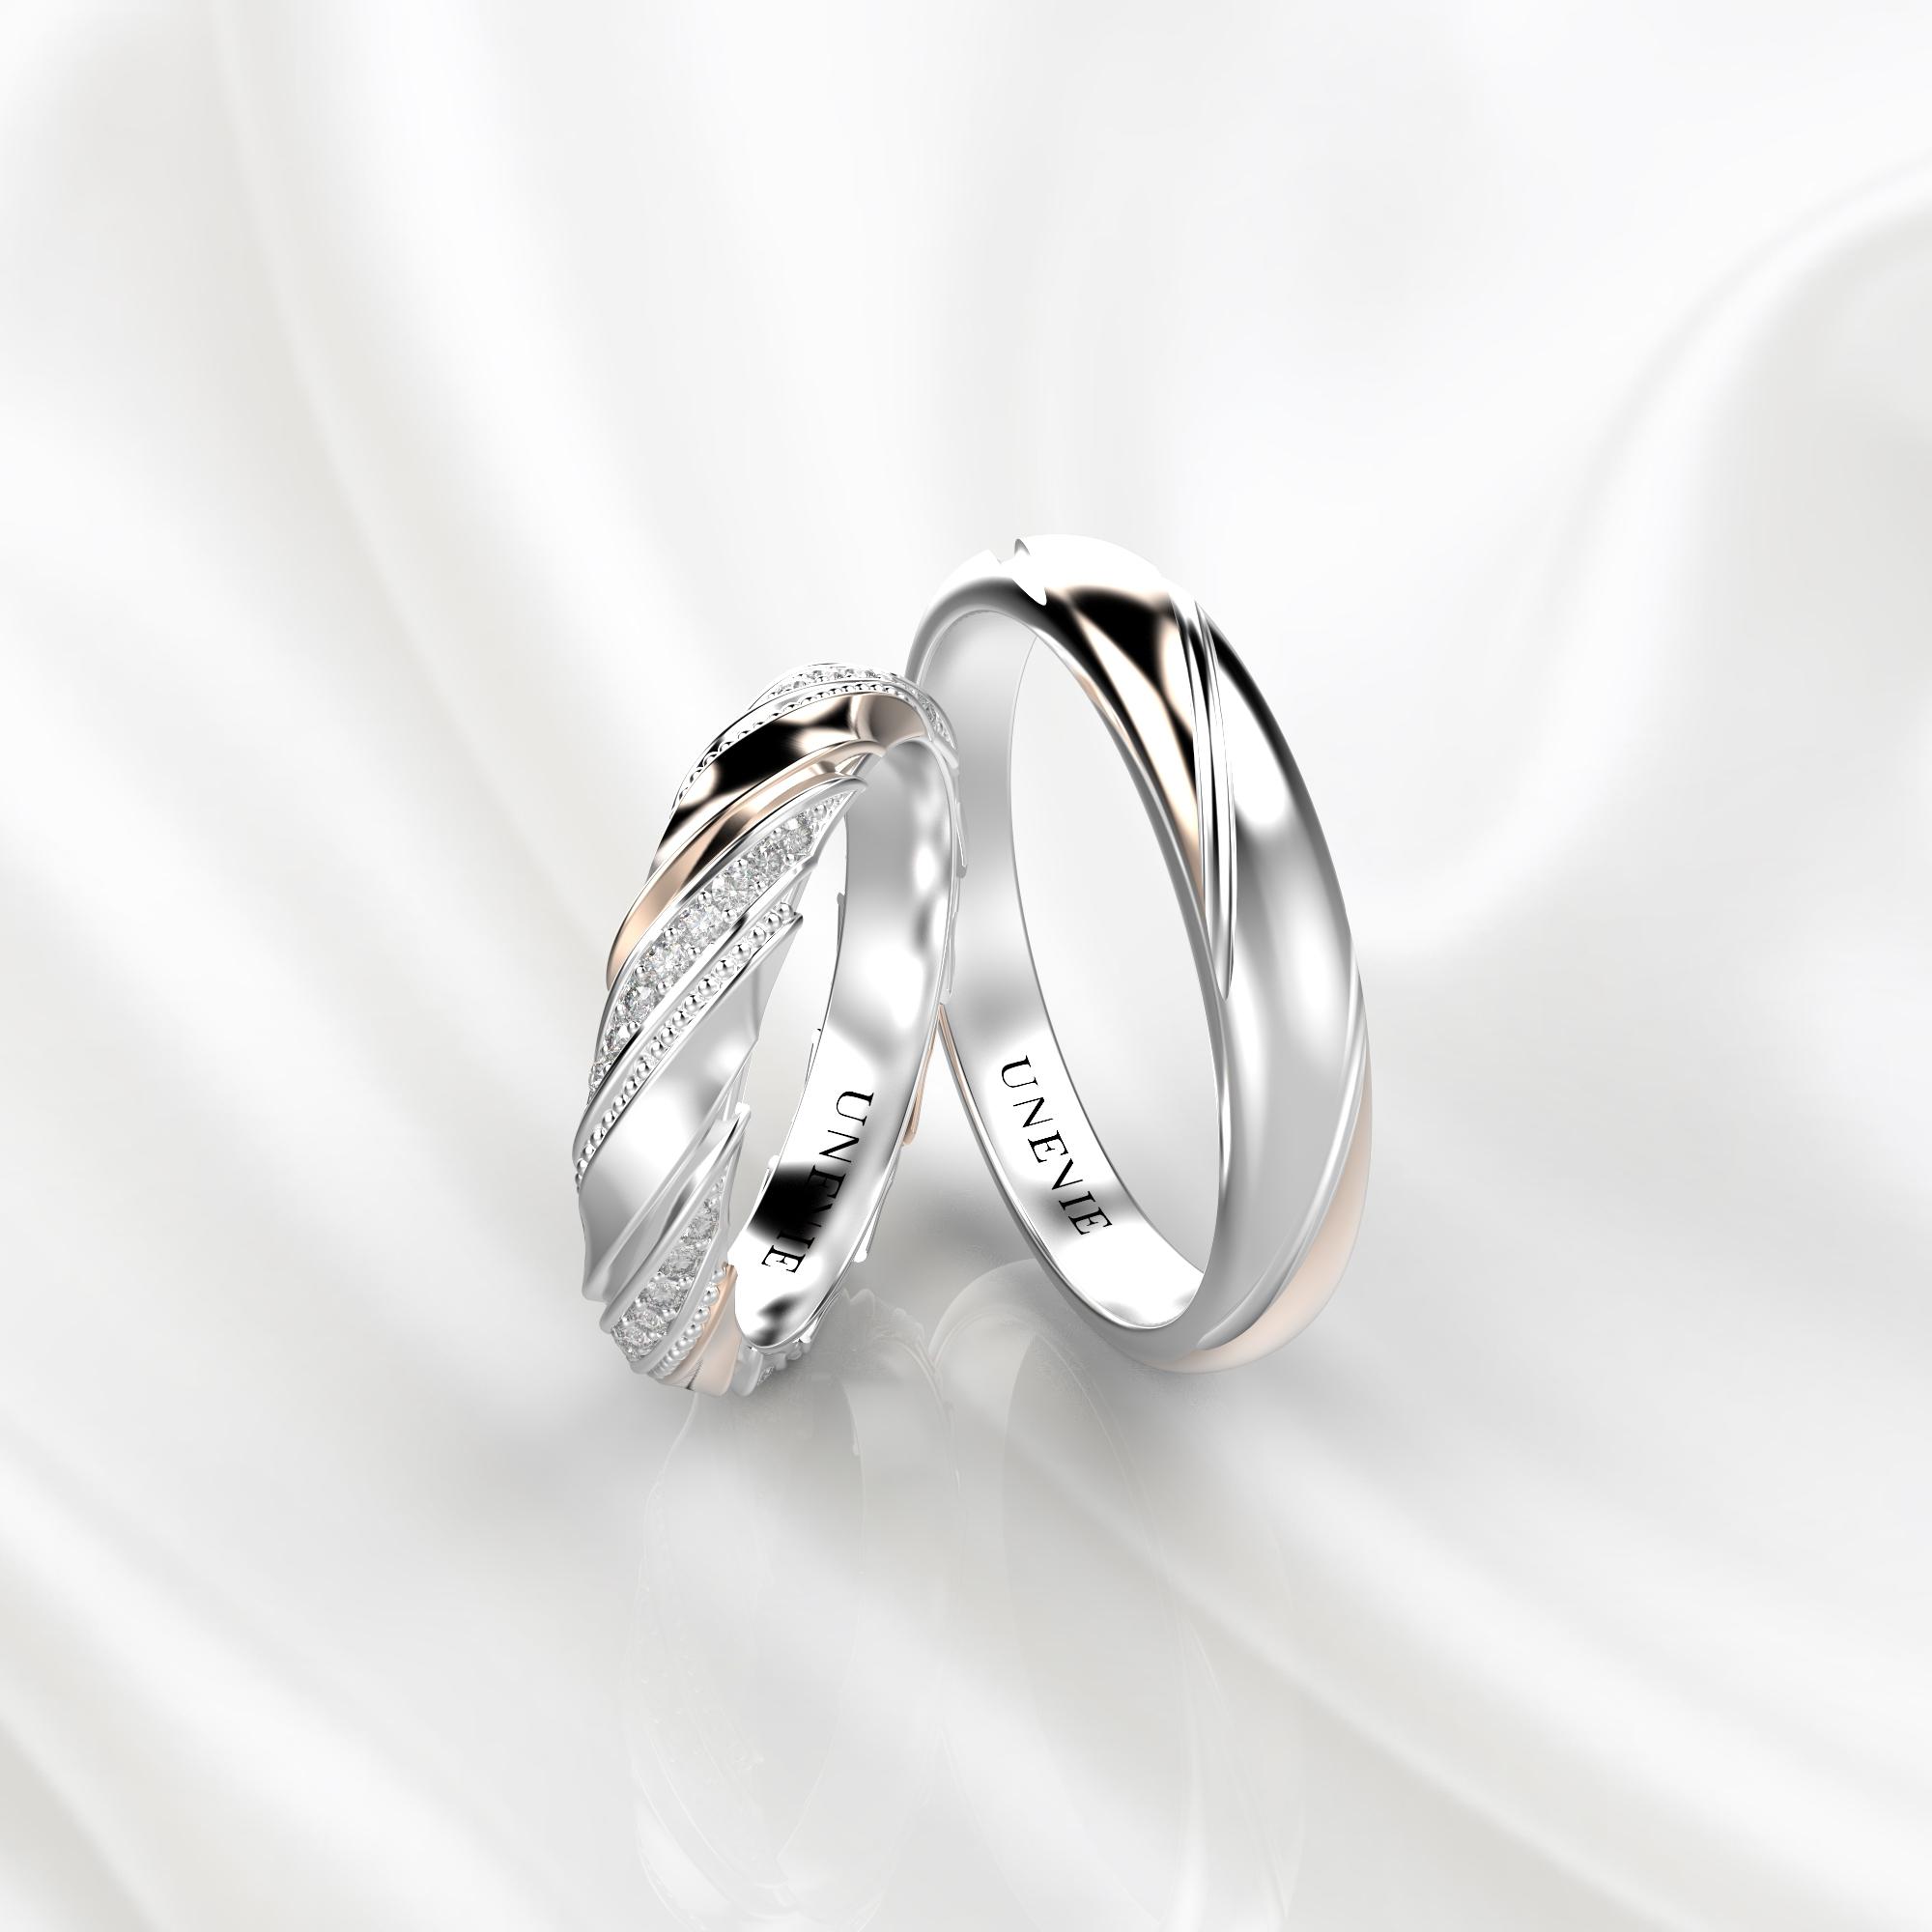 NV50 Парные обручальные кольца из бело-розового золота с бриллиантами